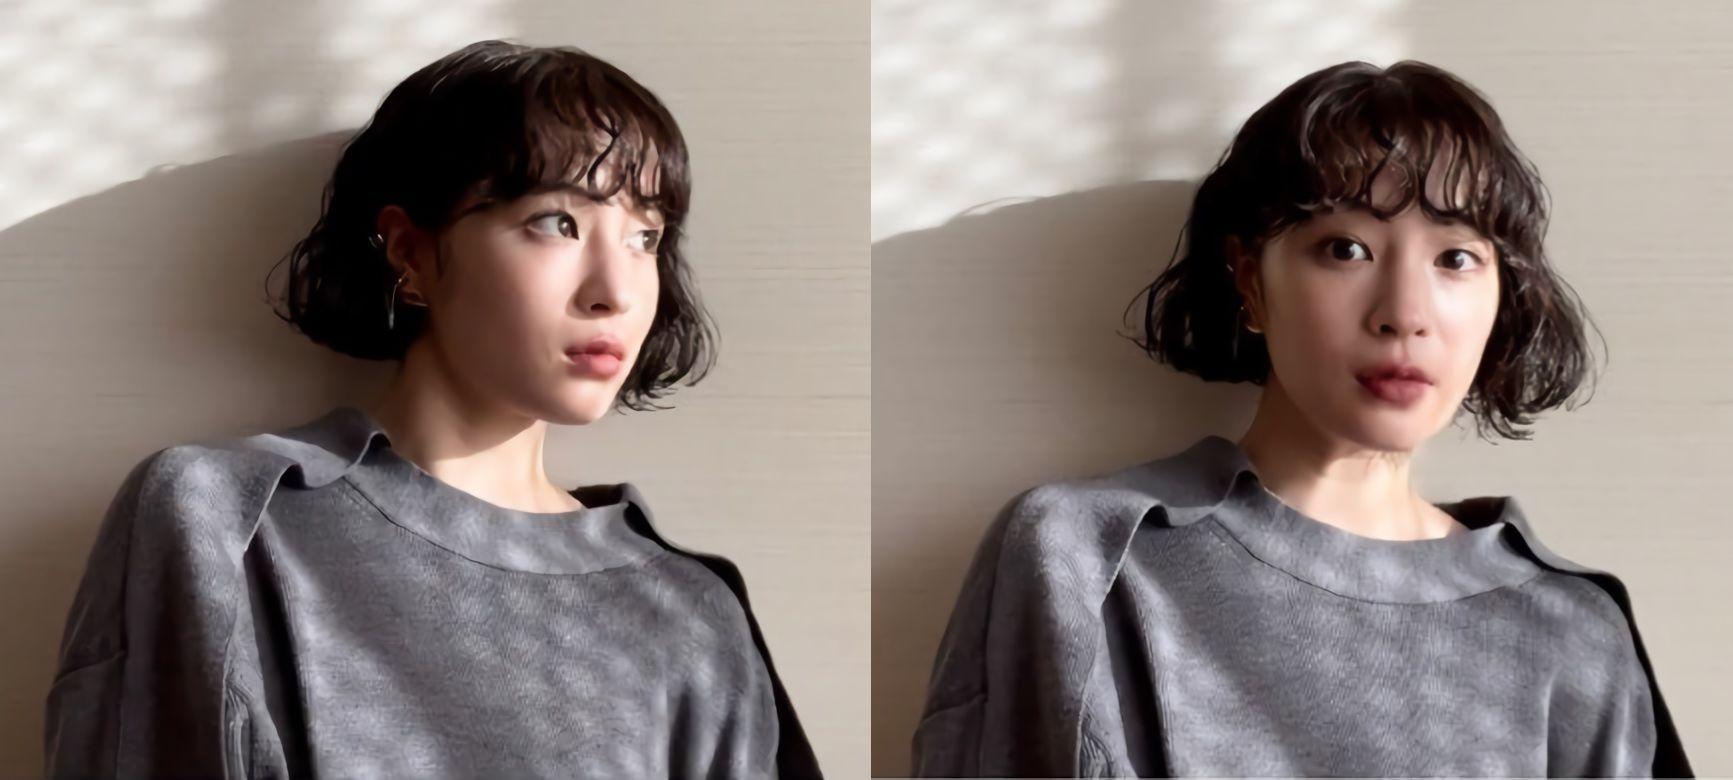 【速報】女優の広瀬すずさんがおばさんパーマに大胆イメージチェンジ!【コロナ後遺症?】